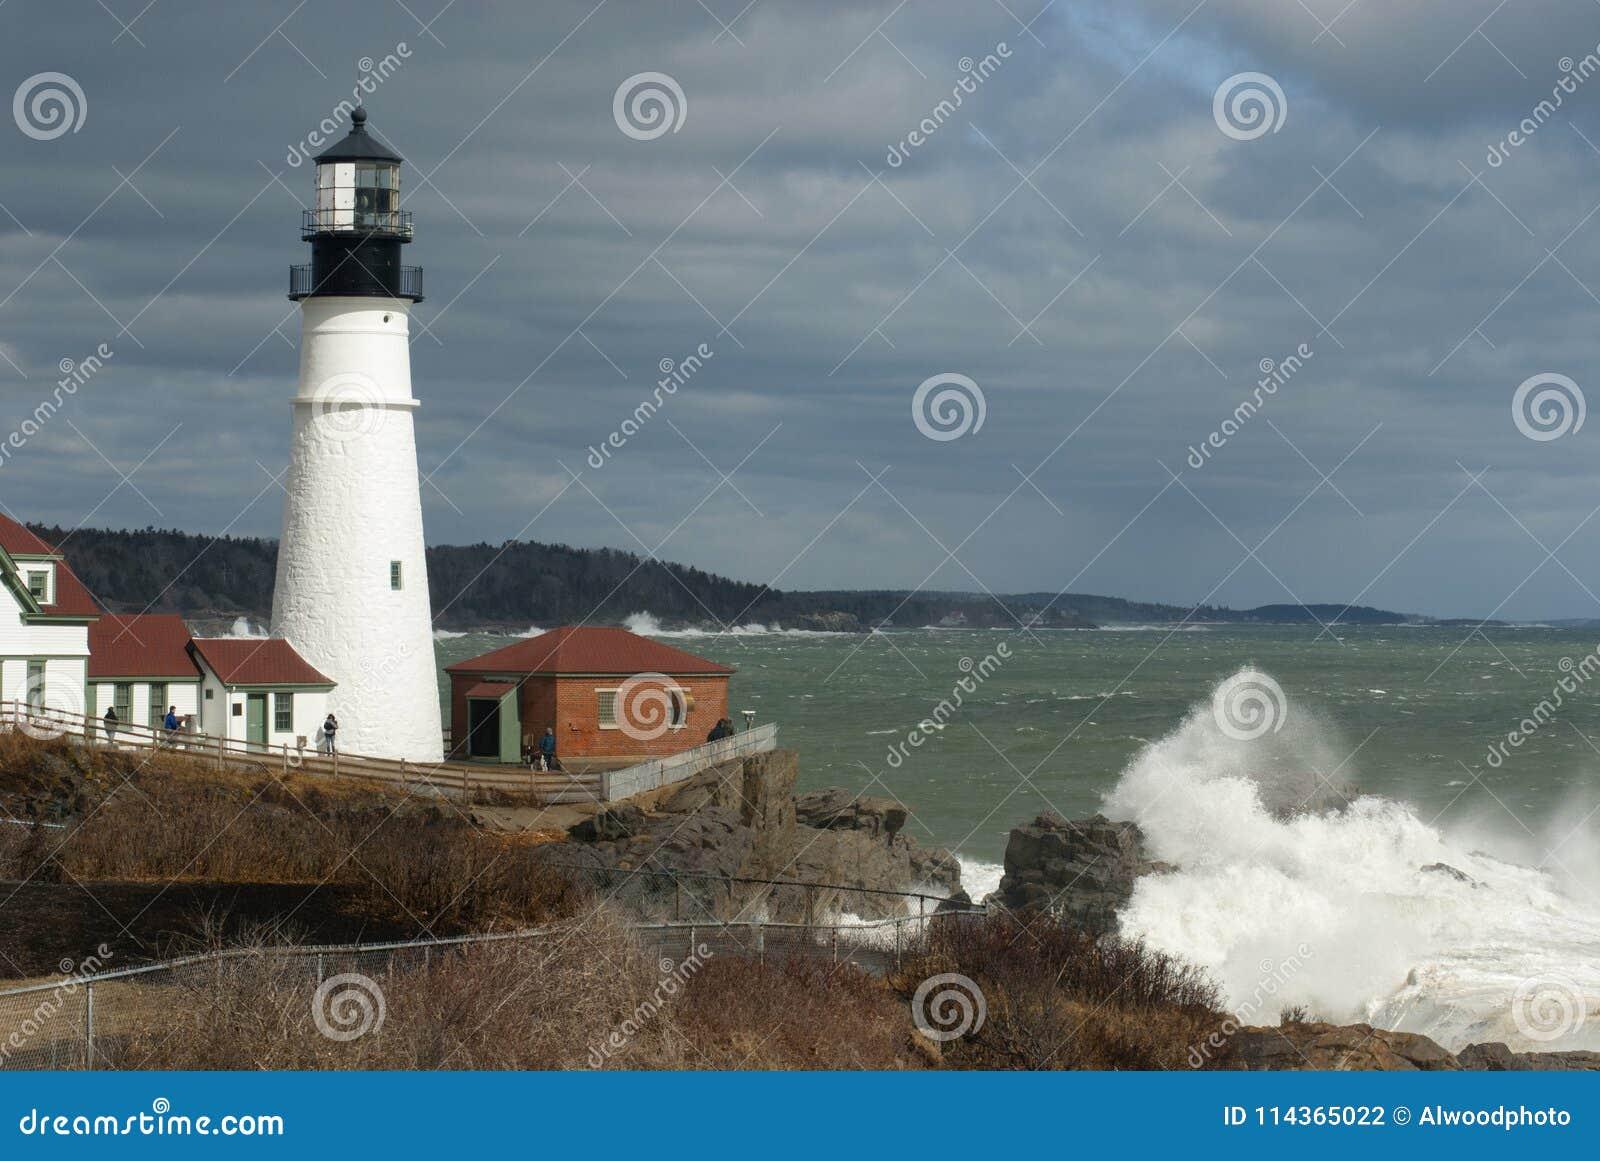 Coupure énorme de vagues par le phare lumineux de tête de Portland dans la canalisation